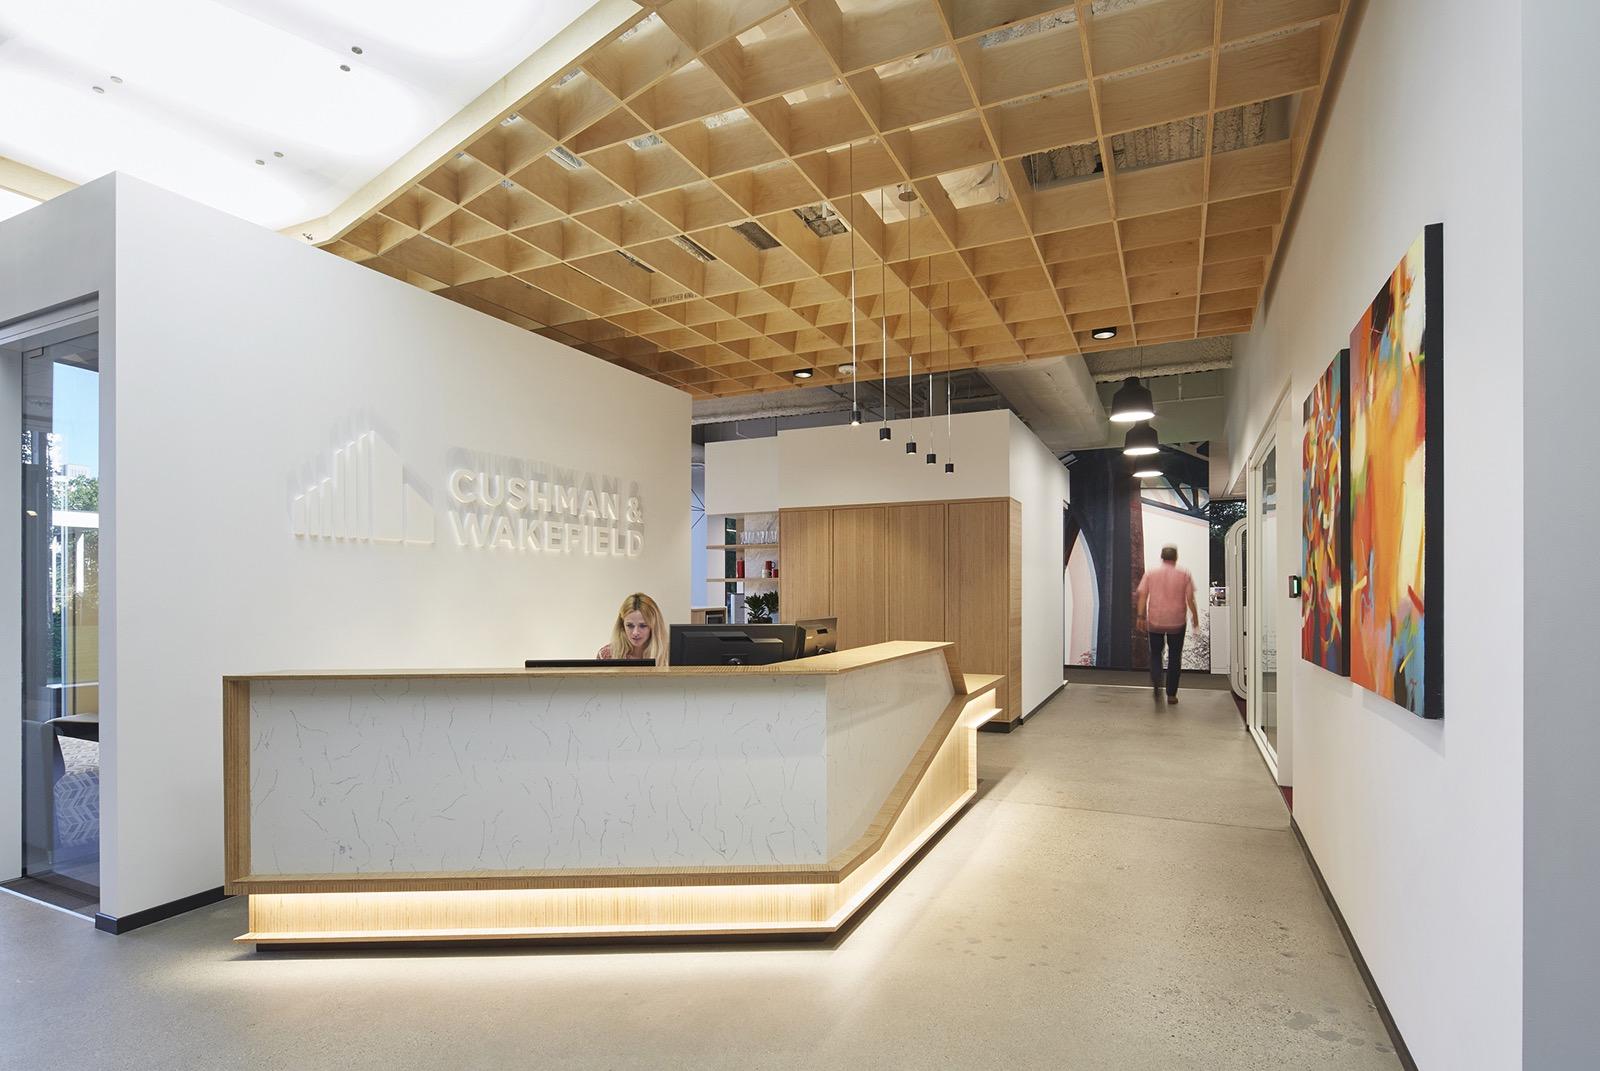 cushman-wakefield-portland-office-7